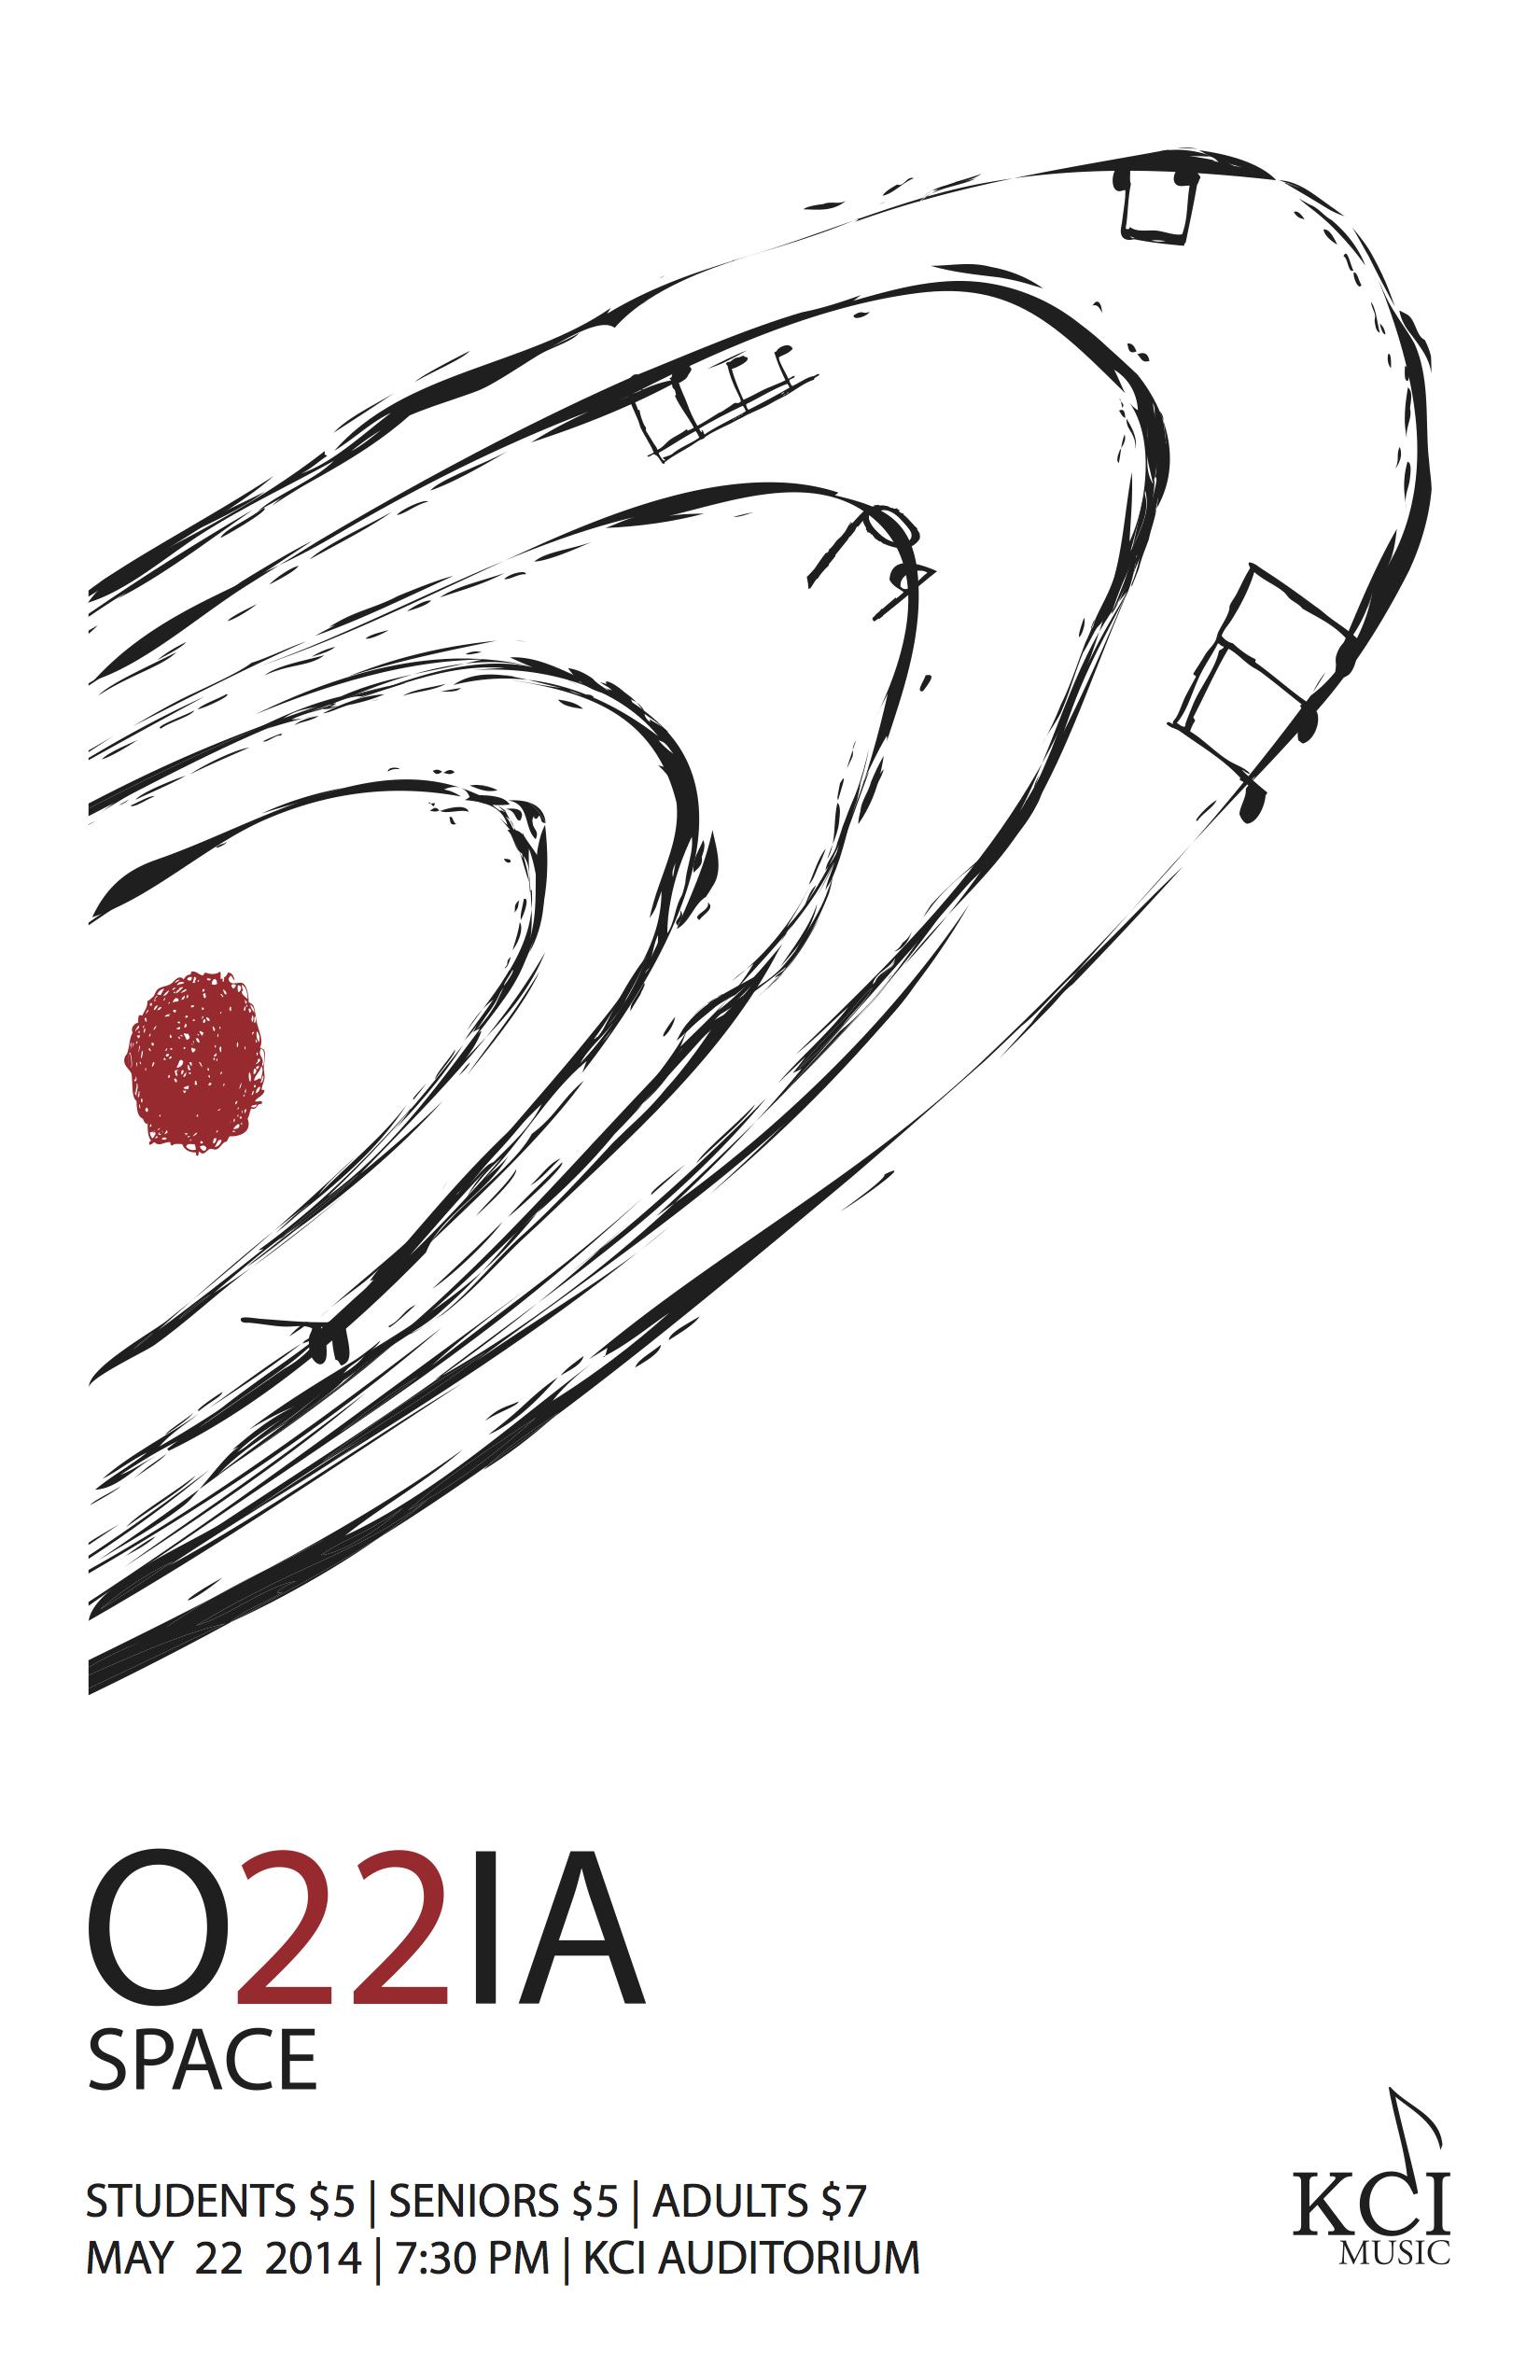 OSSIA 22